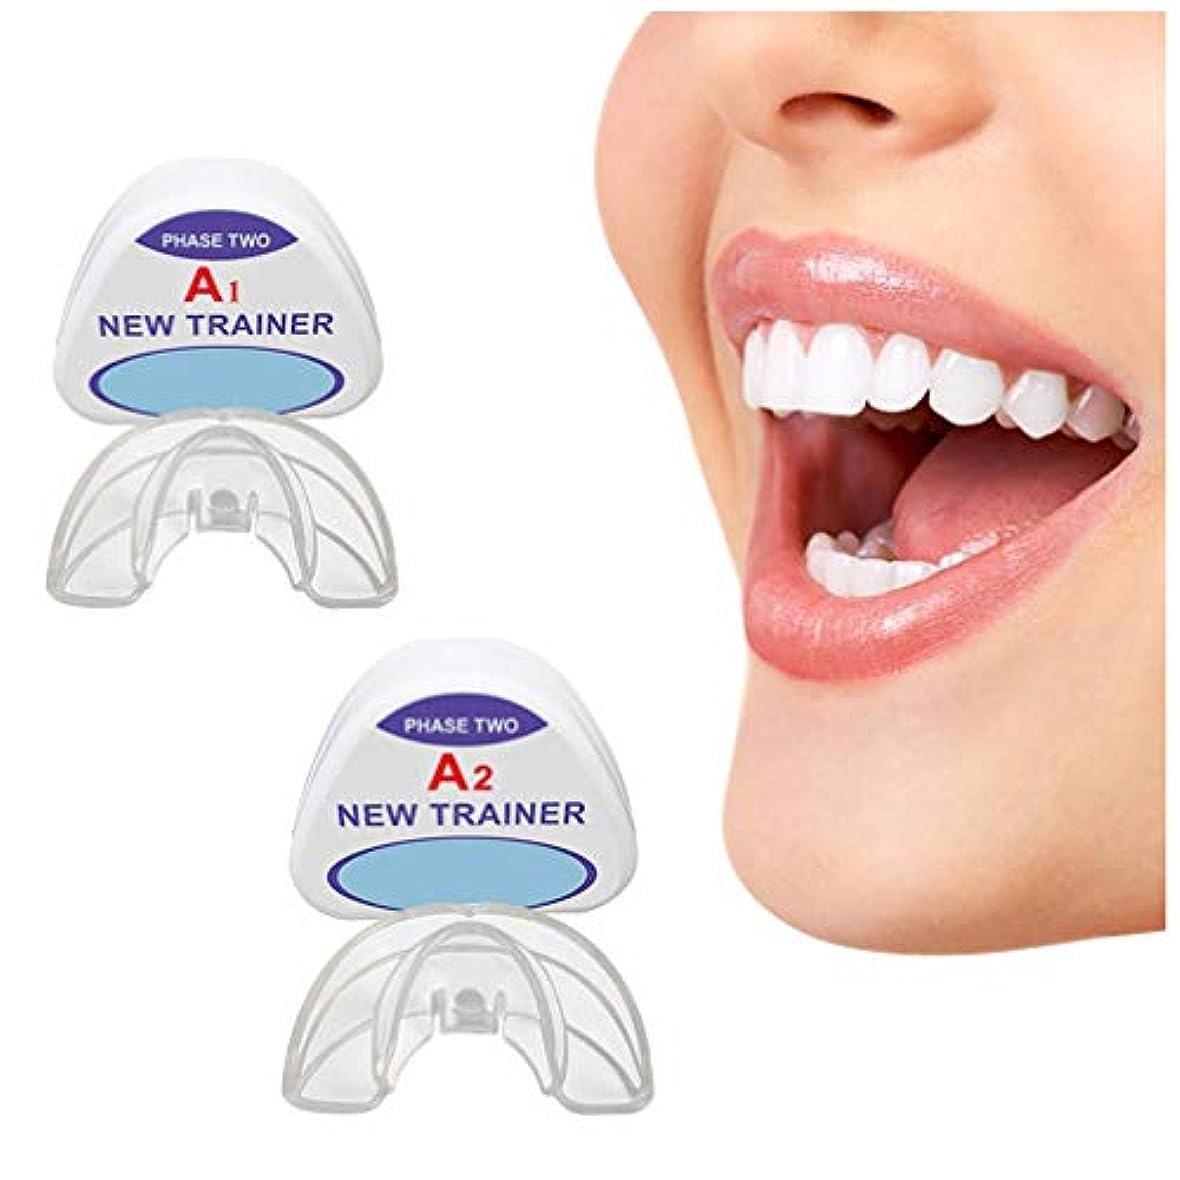 願望折寄稿者歯アライメントトレーナーリテーナー、歯科矯正トレーナー、ナイトマウスガードスリムグラインドプロテクター、大人のためのトレーナー歯アライメントブレース,A1+A2